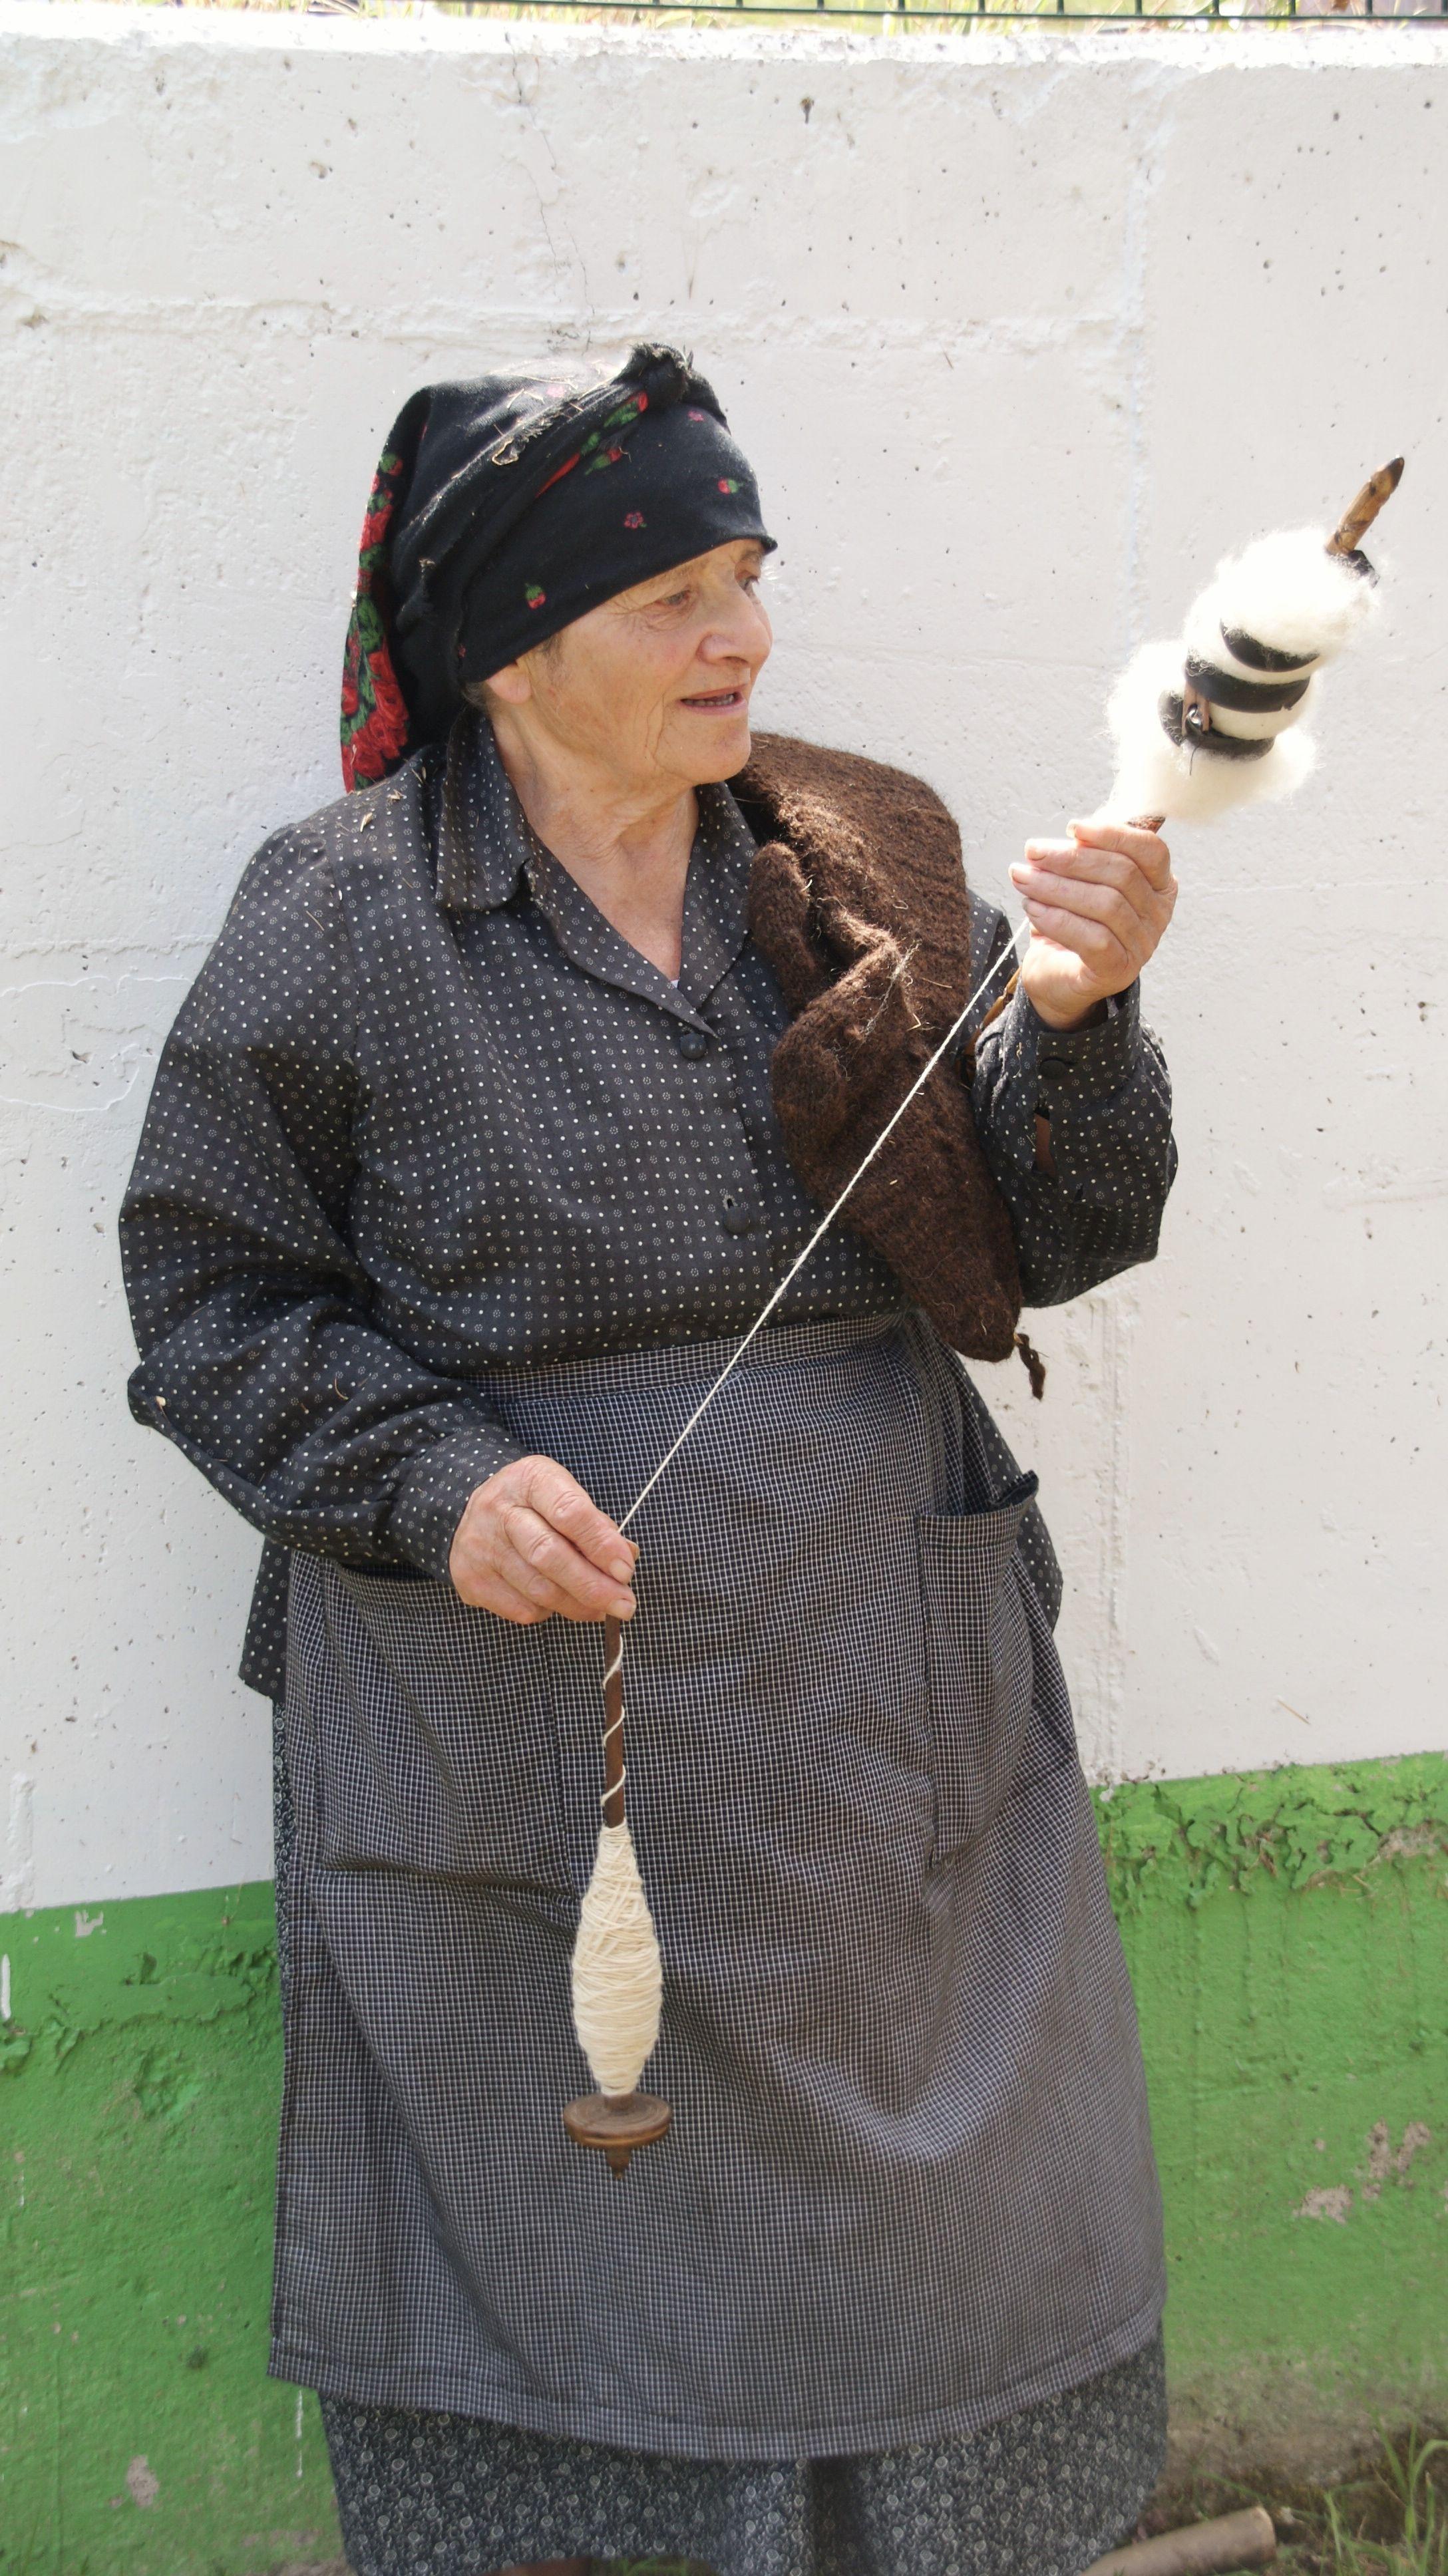 Navelgas,Asturias. Agosto 2014, Maria a sus 82 años todavía sigue filando.